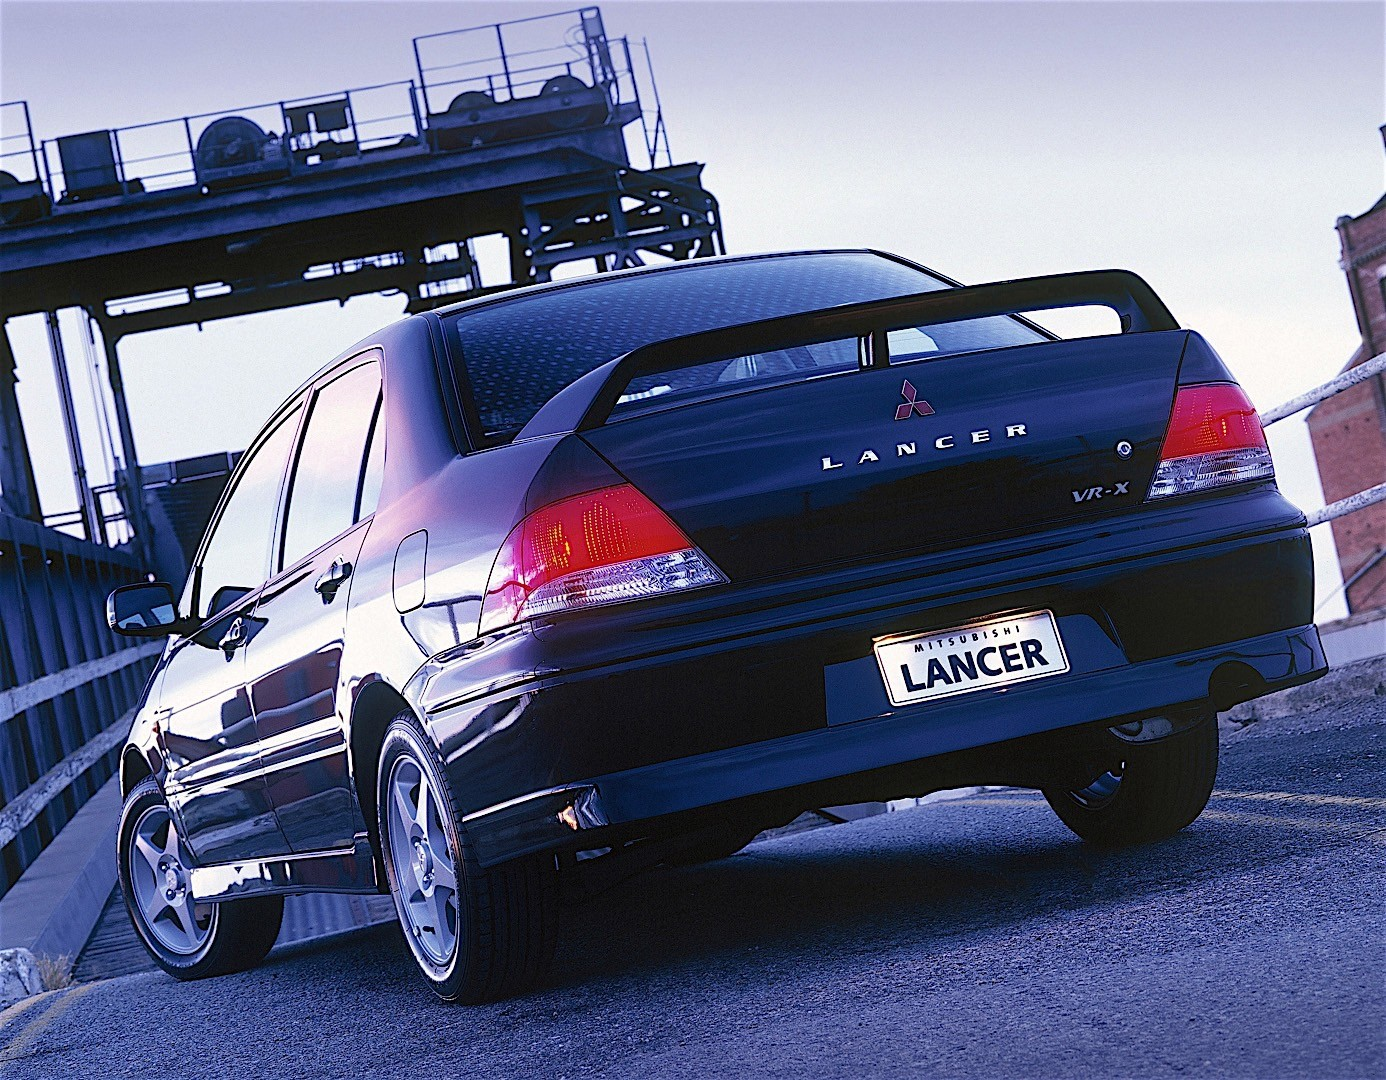 MITSUBISHI Lancer 2000 2001 2002 2003 Autoevolution